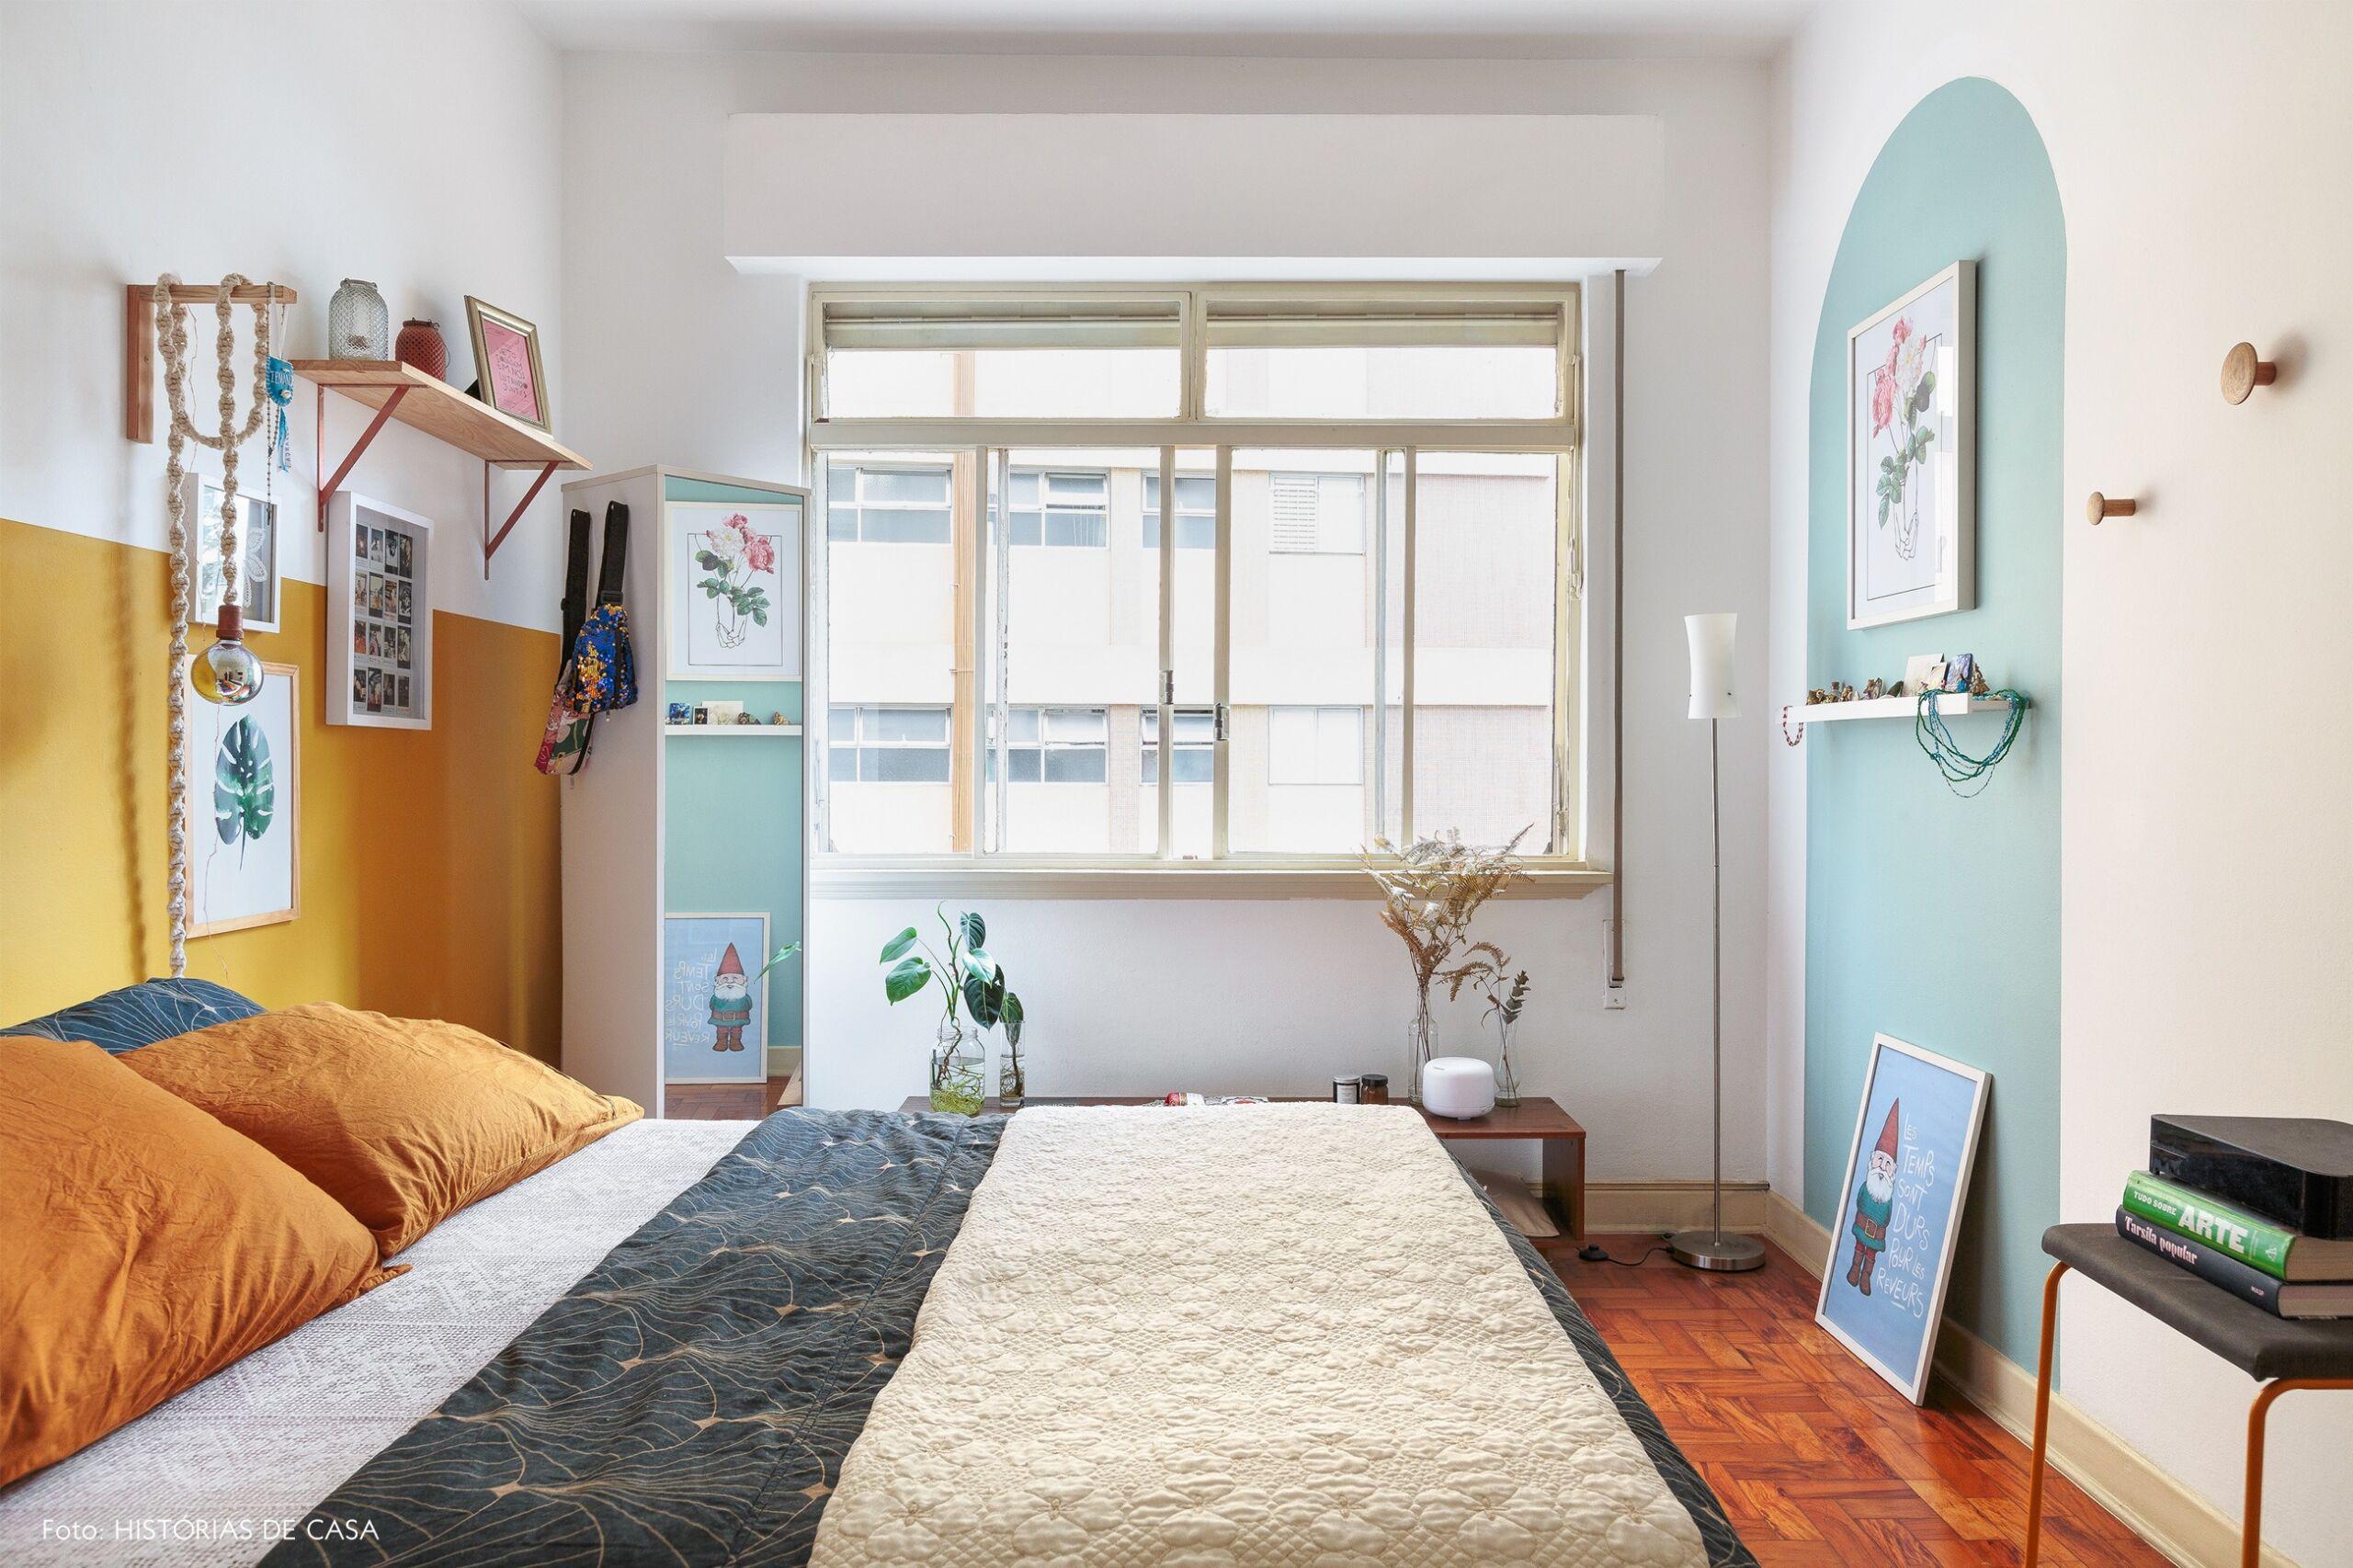 decoraçãouarto meia parede mostarda parte azul